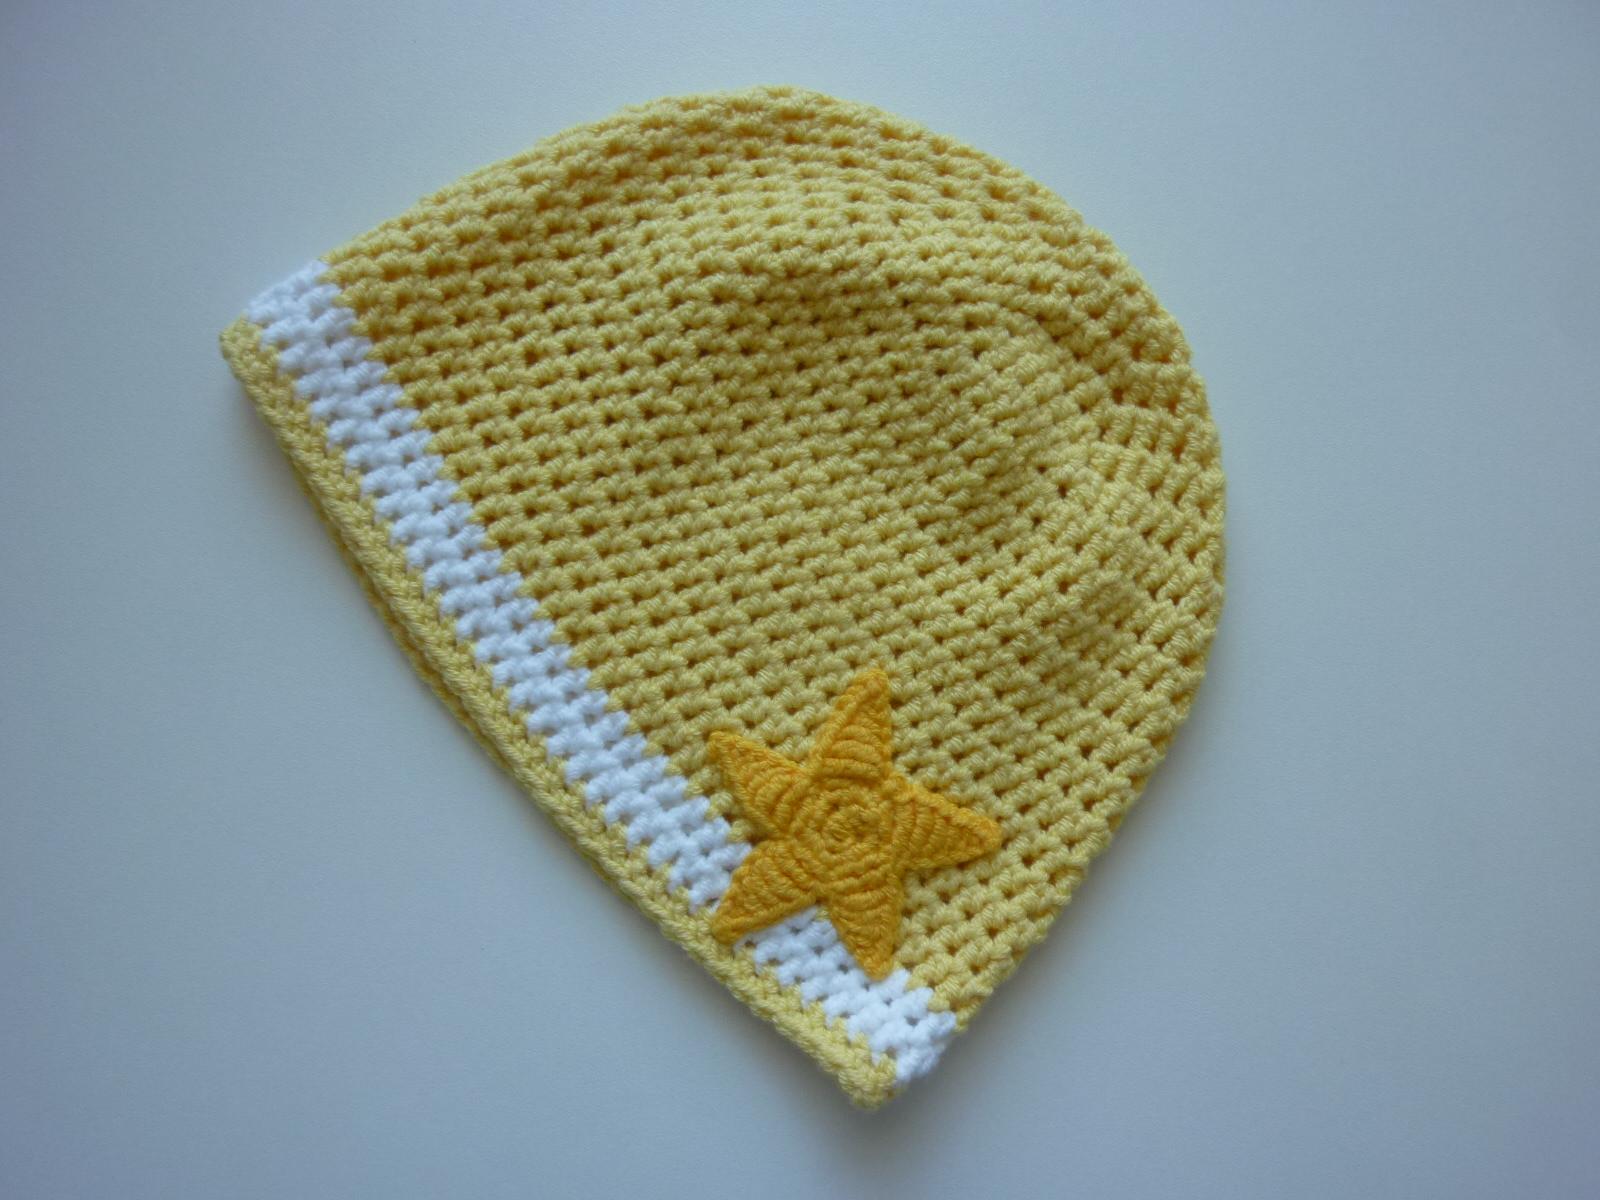 - gehäkelte dünne Babymütze in gelb und weiß aus Baumwolle - gehäkelte dünne Babymütze in gelb und weiß aus Baumwolle